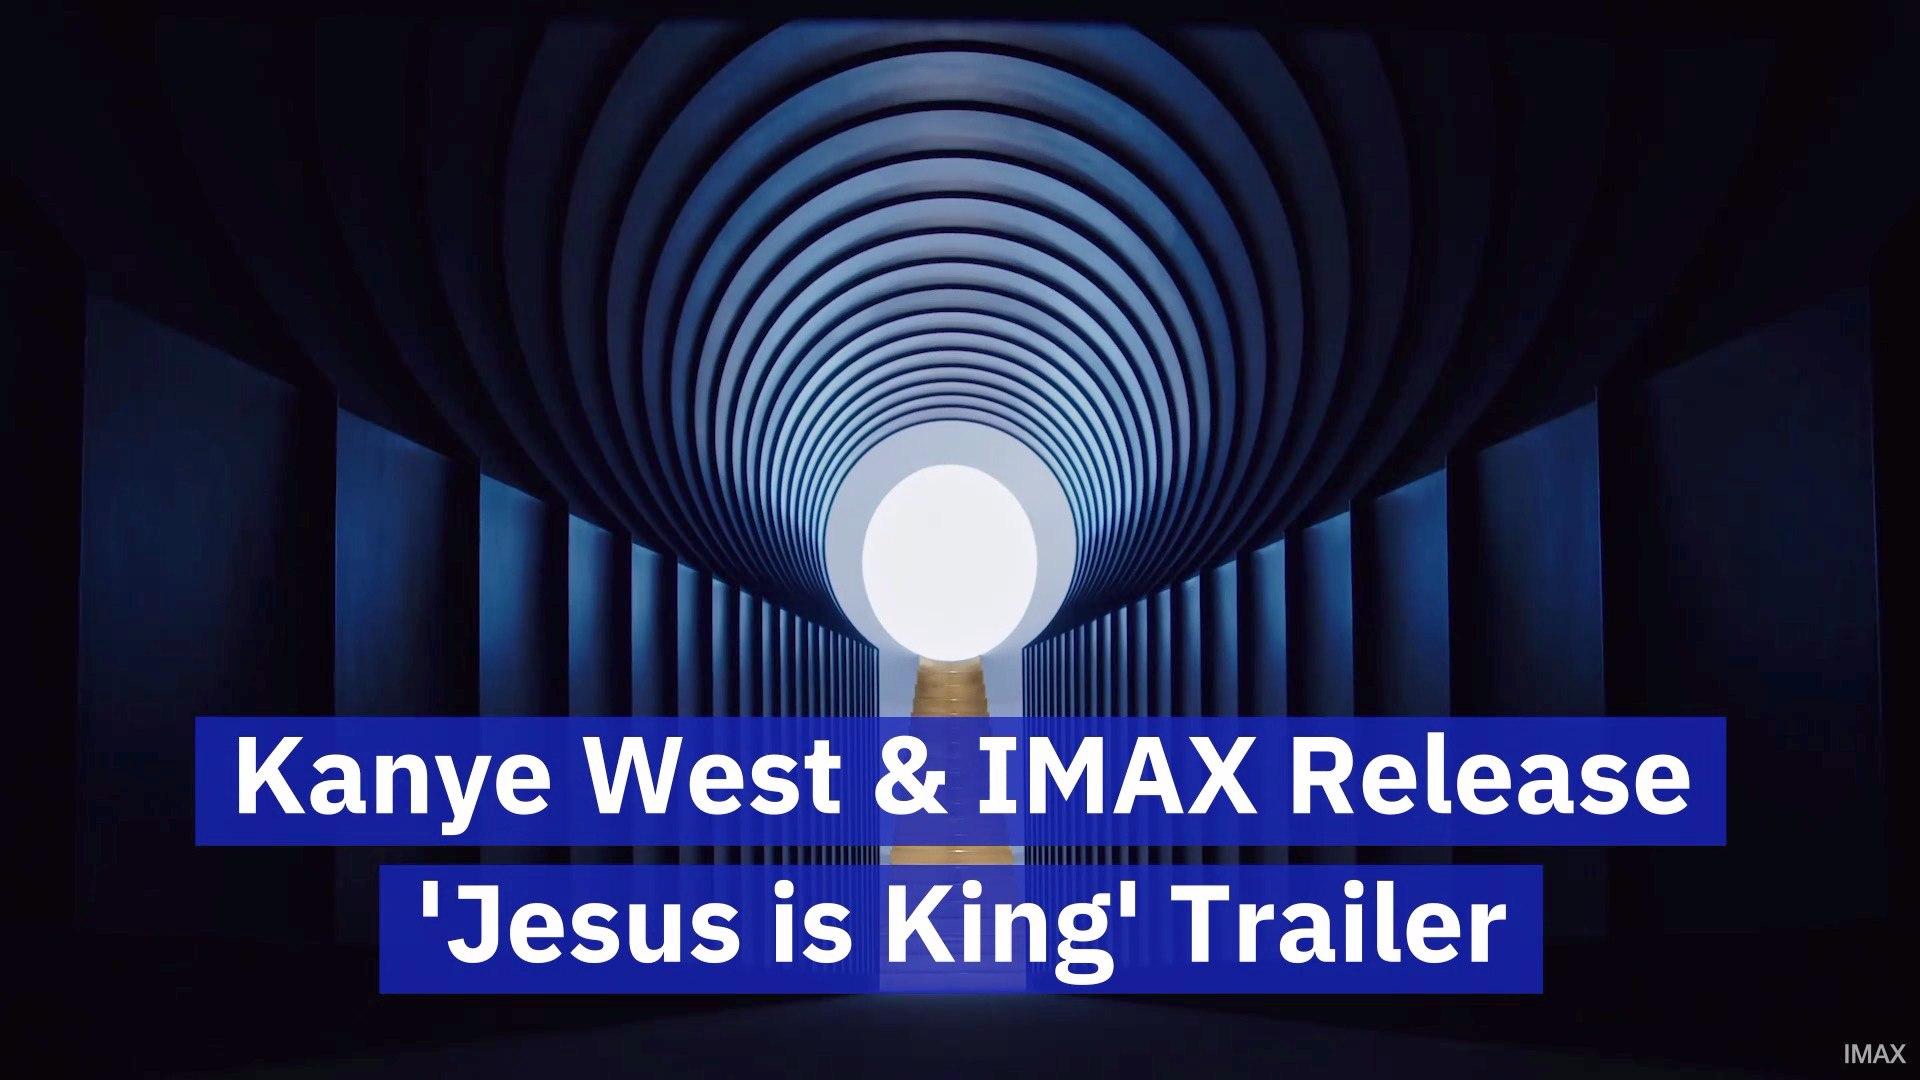 Kanye Brings Jesus Is King To Imax